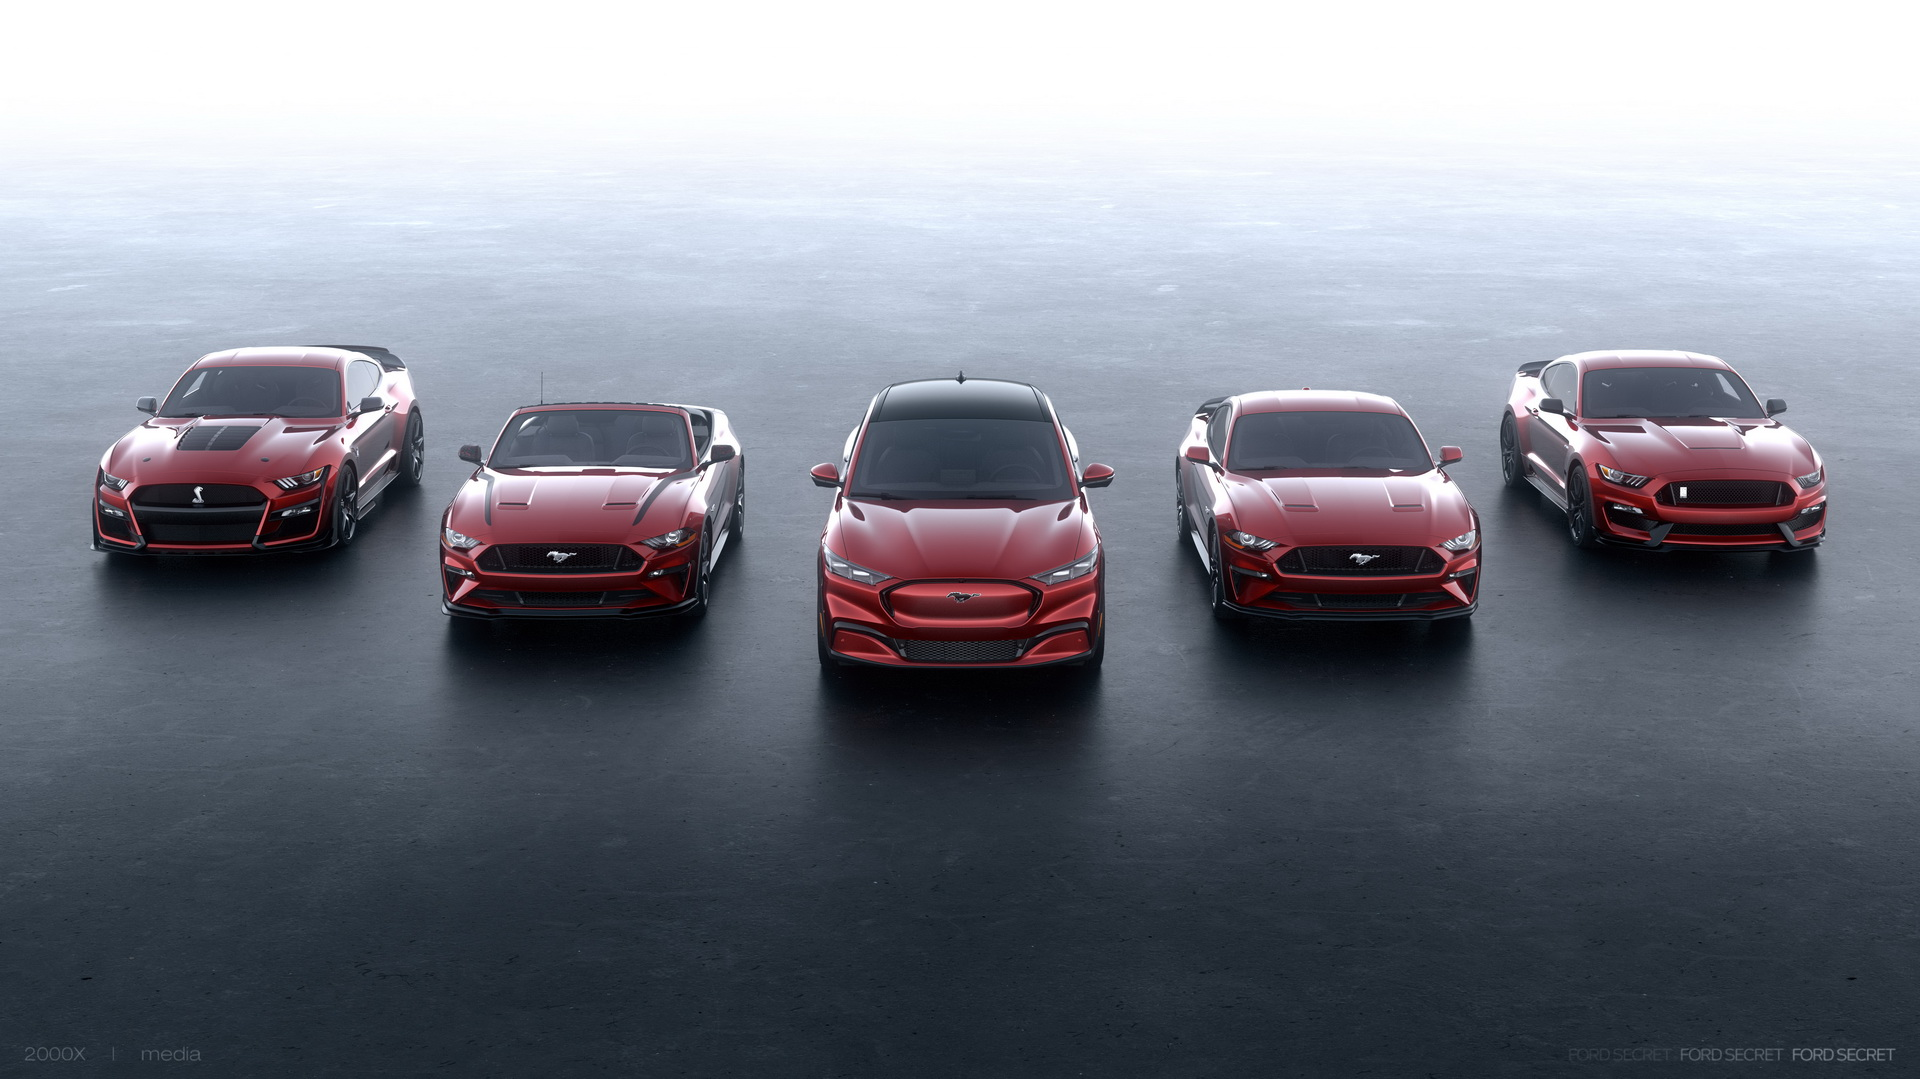 Ford pondera lançar mais versões para uma possível família Mustang